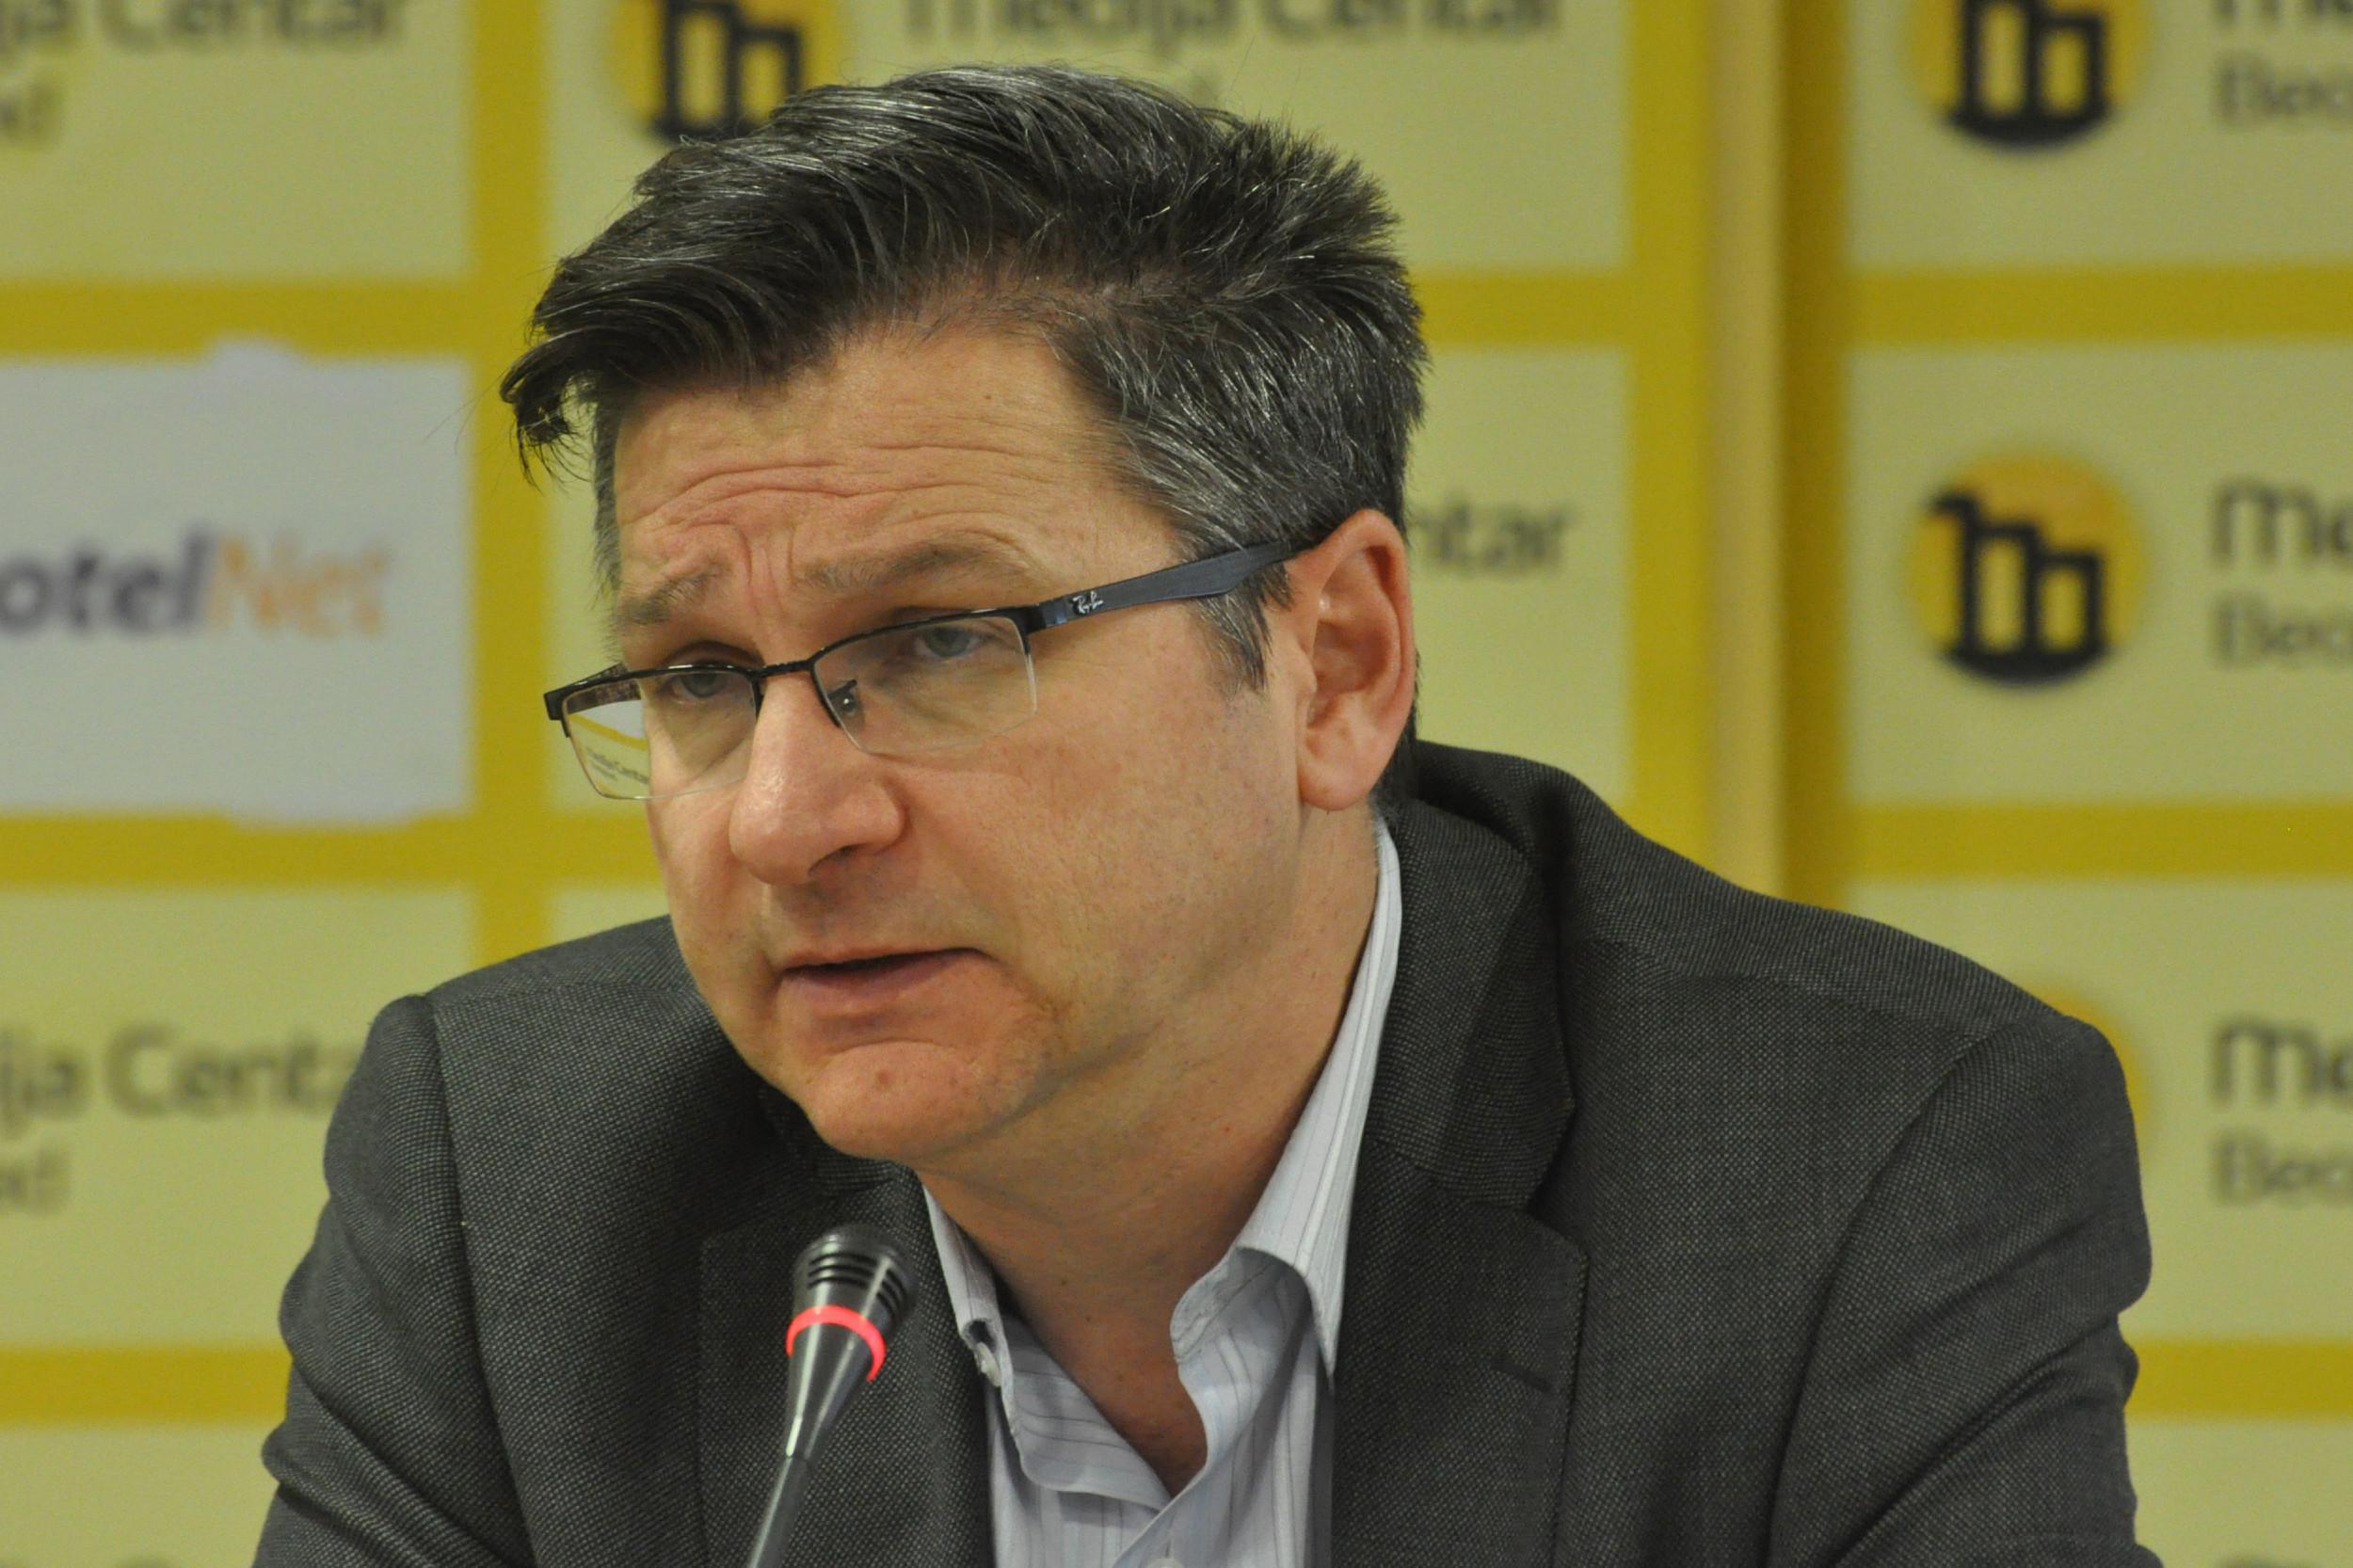 Miloš Ković (Foto: Medija centar Beograd)